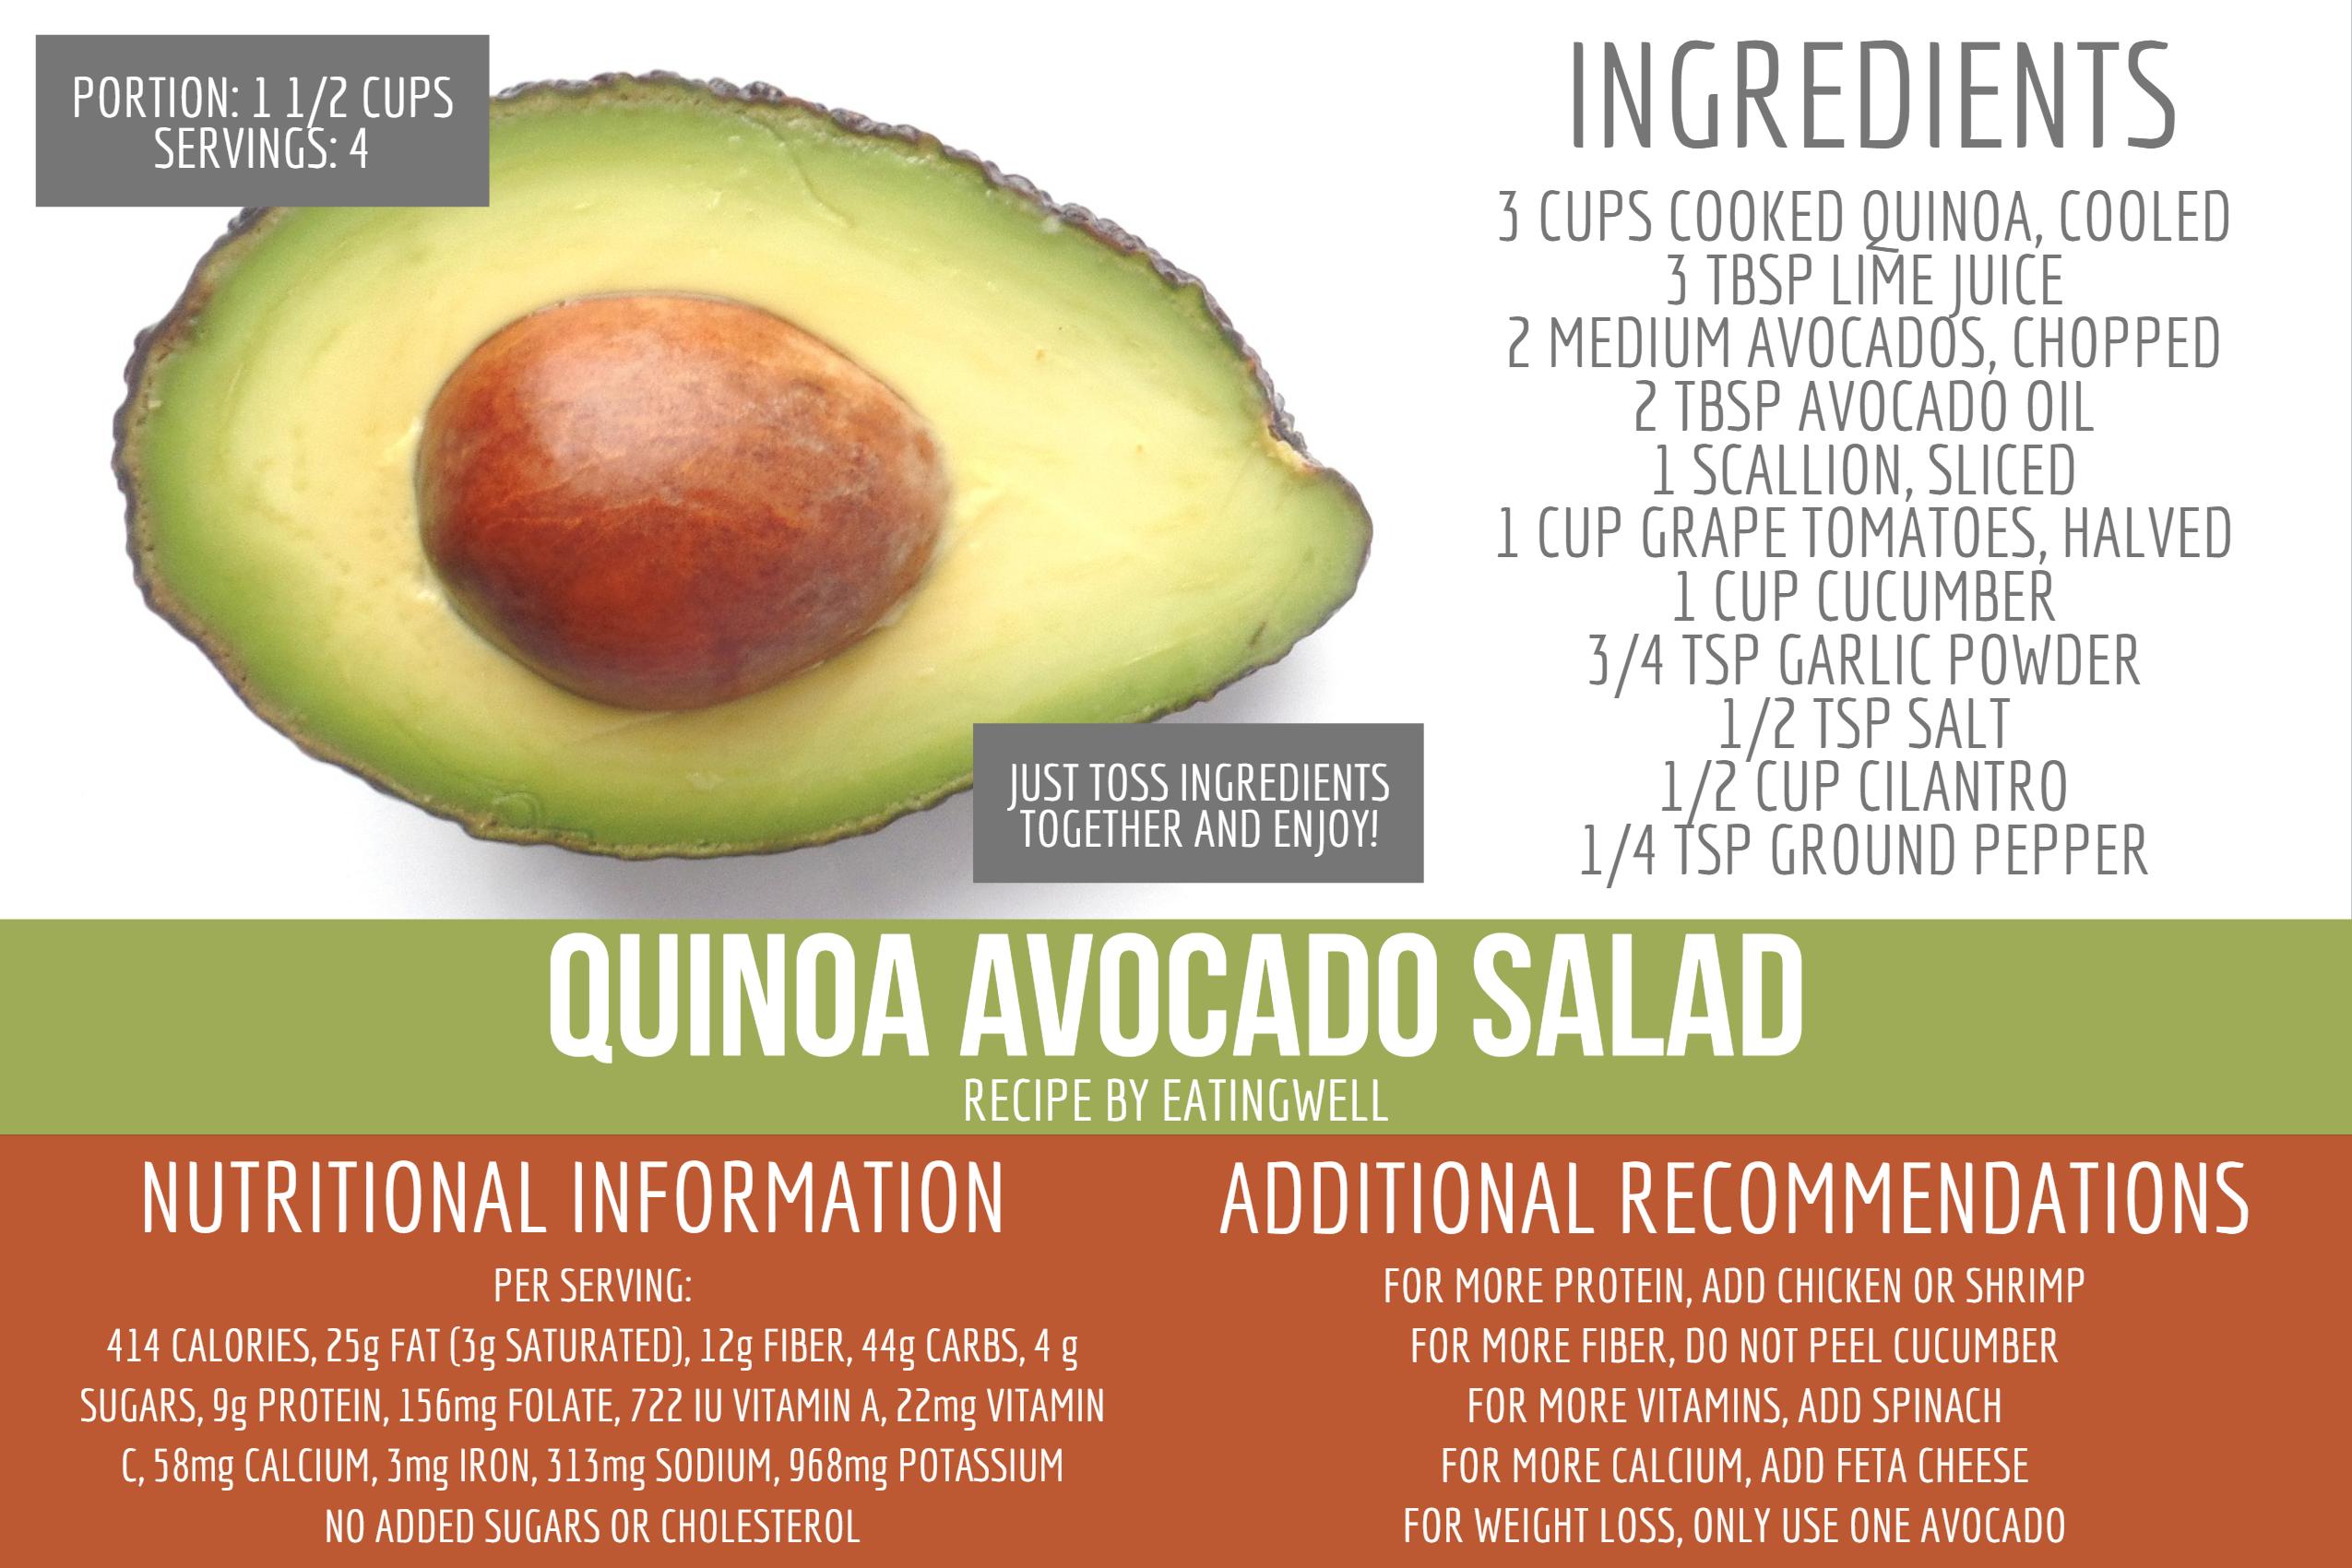 quinoa-avocado-salad-1.jpg?mtime=20180913111300#asset:4787